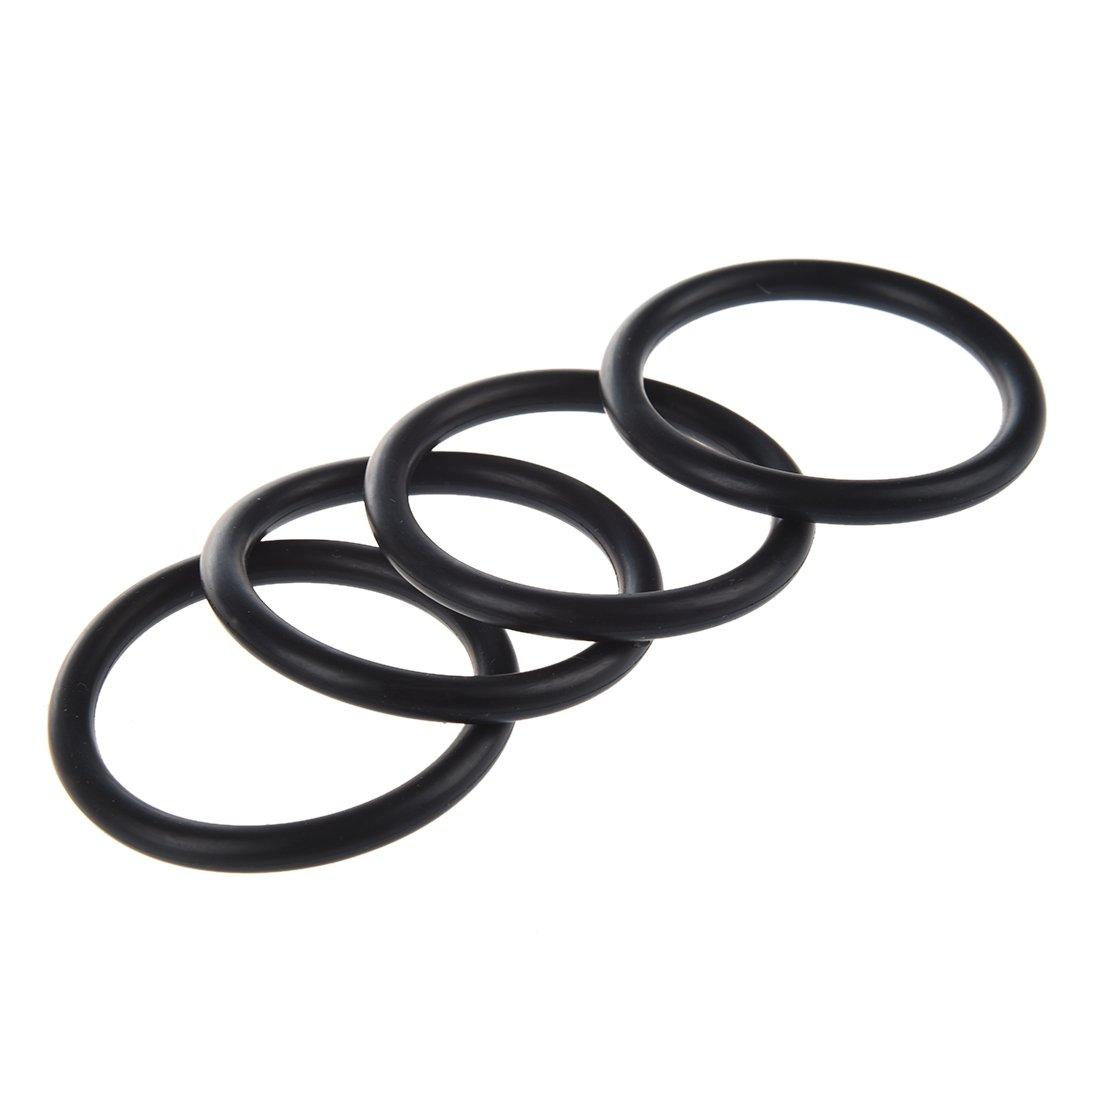 10 x Rondelles flexibles de forme de O en nitrile caoutchouc 50mm x 5mm R TOOGOO